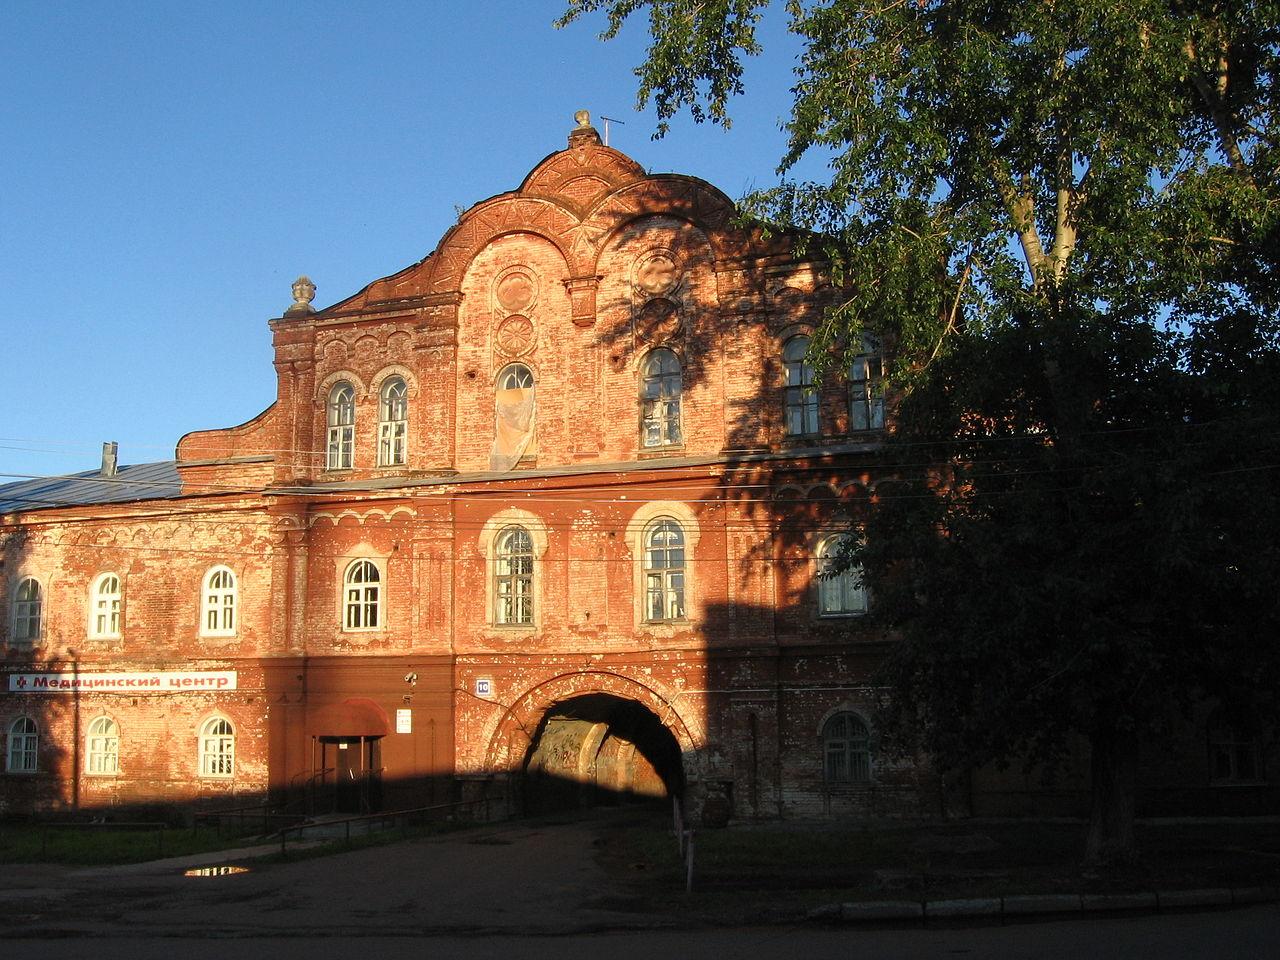 Кельи Вятского Преображенского монастыря в Кирове